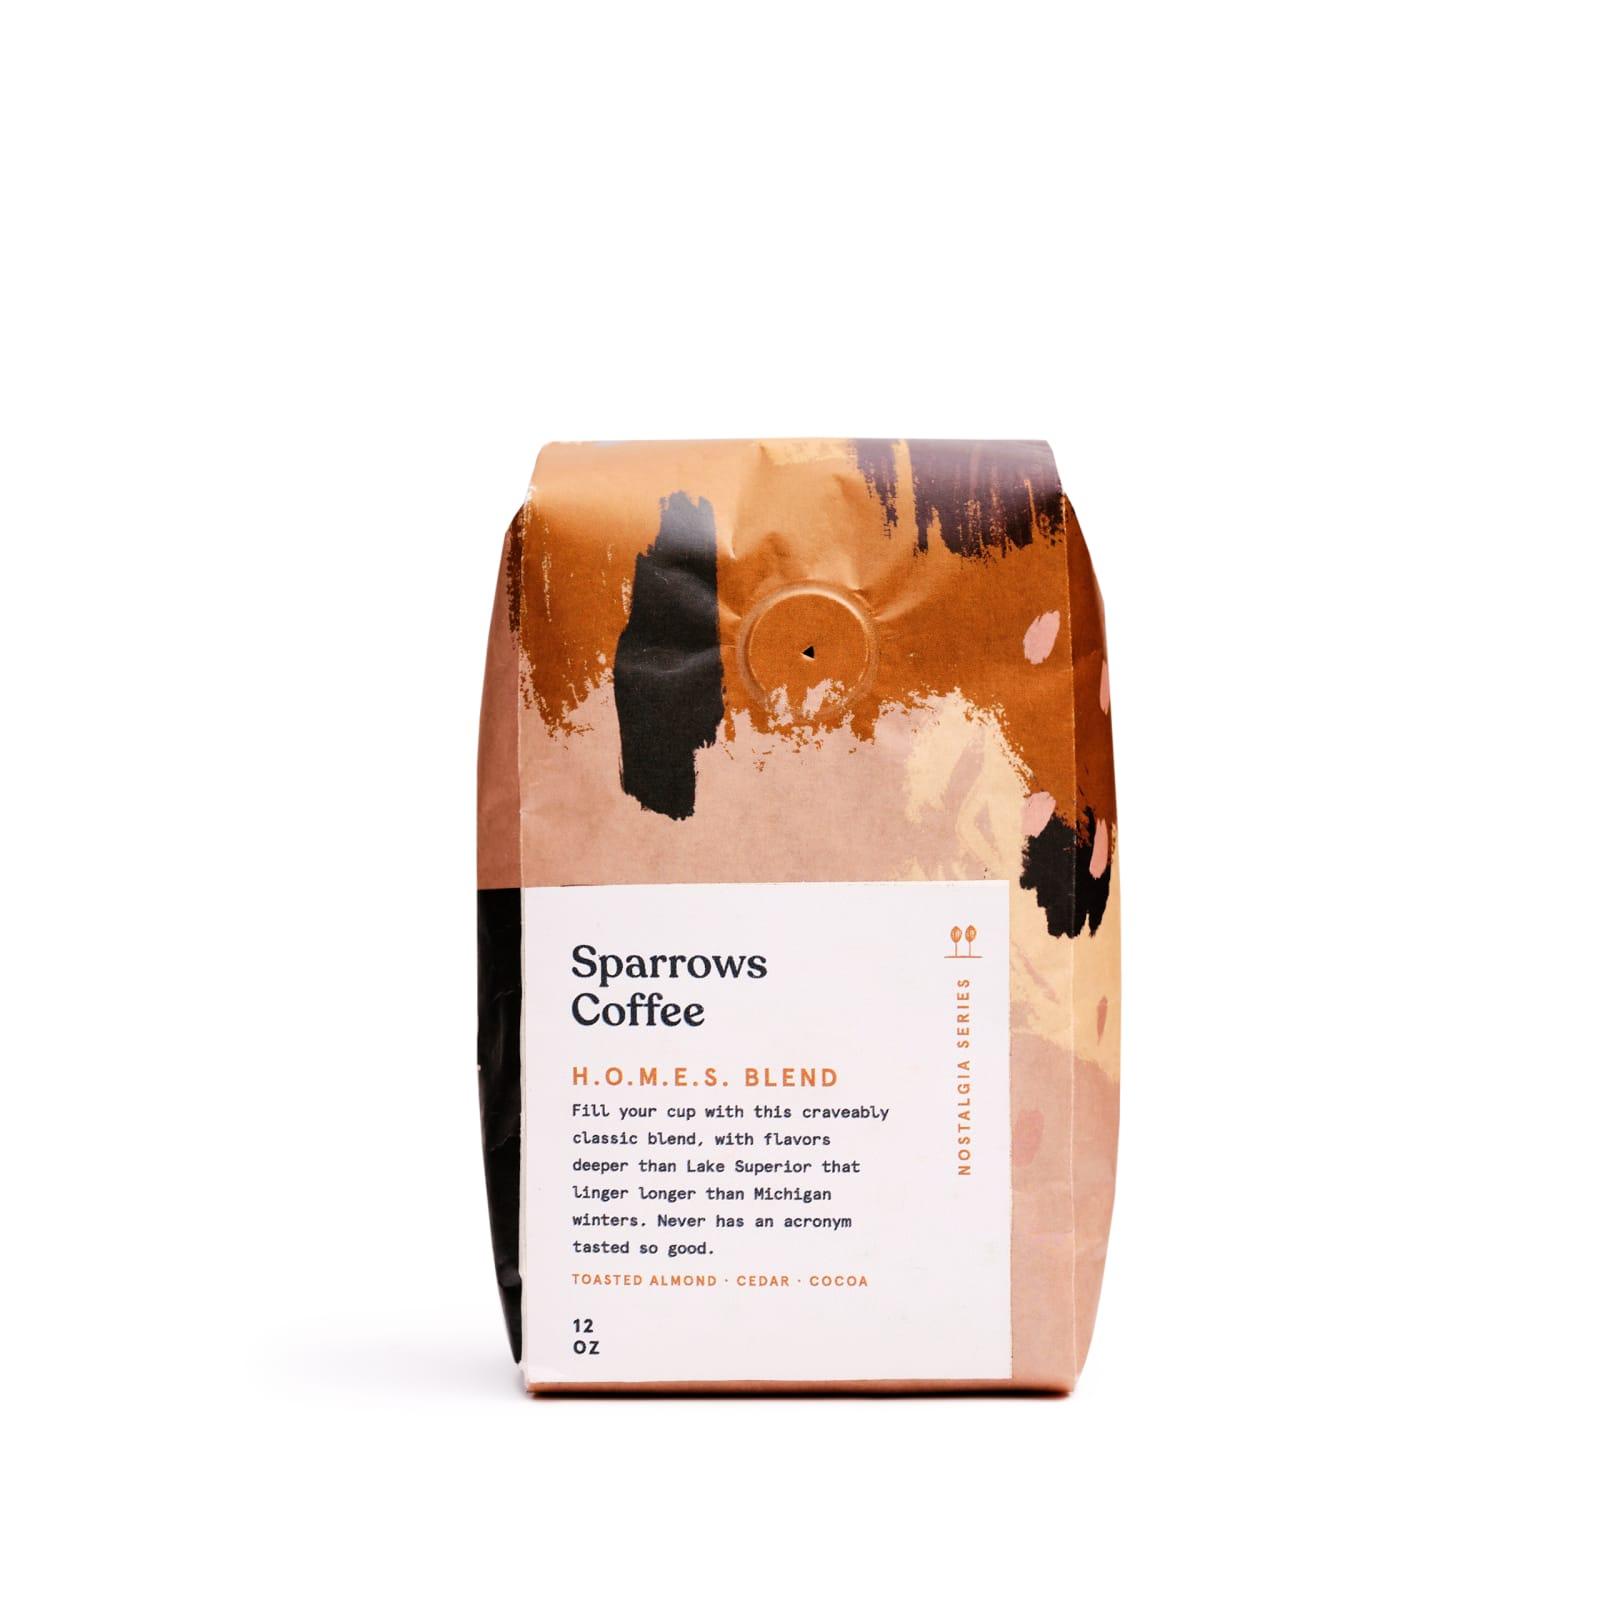 H.O.M.E.S. - 5 lb bag